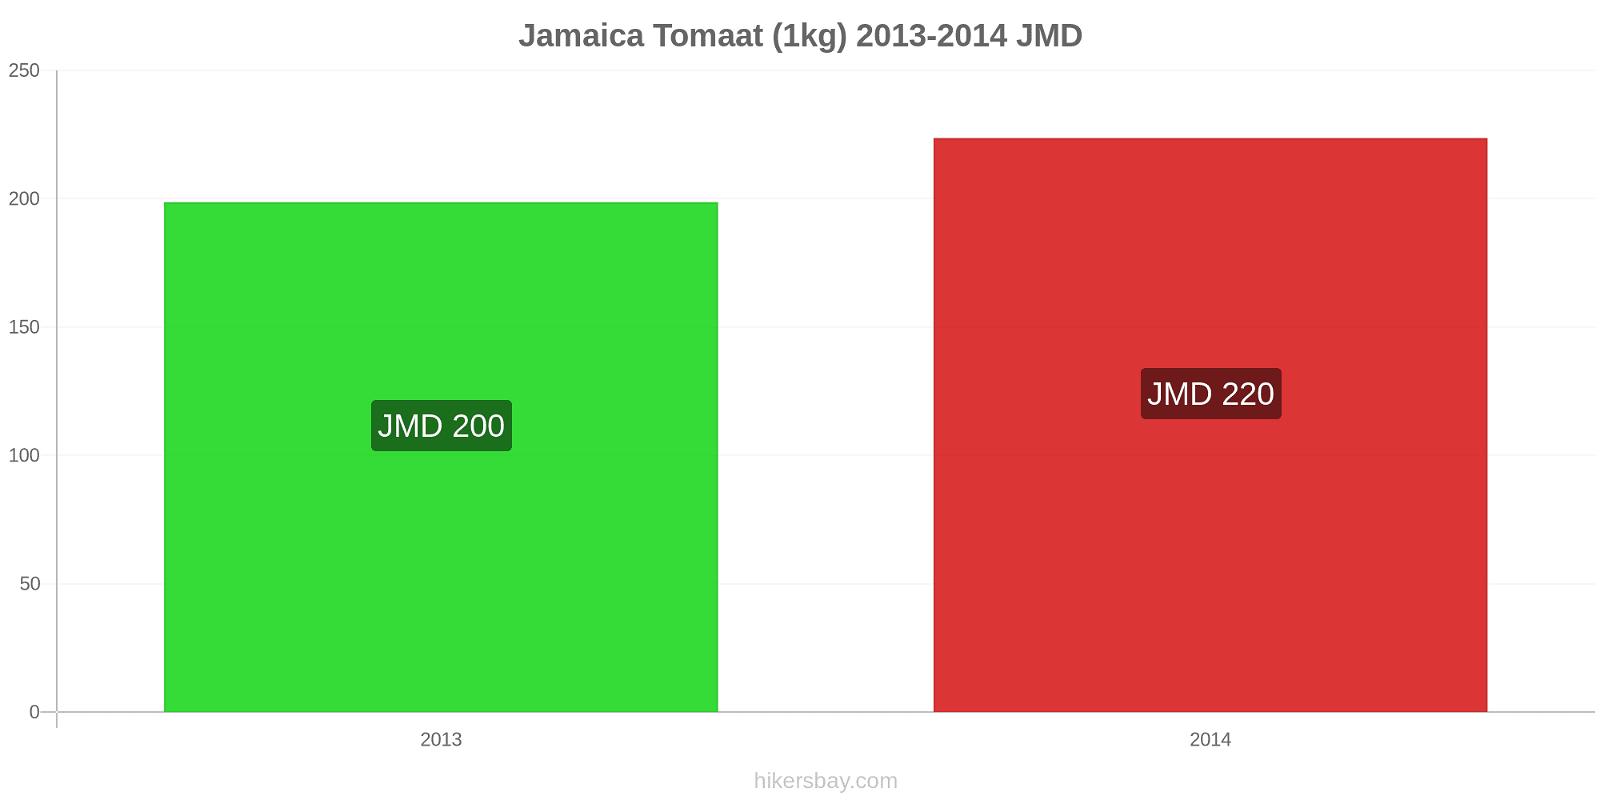 Jamaica prijswijzigingen Tomaat (1kg) hikersbay.com